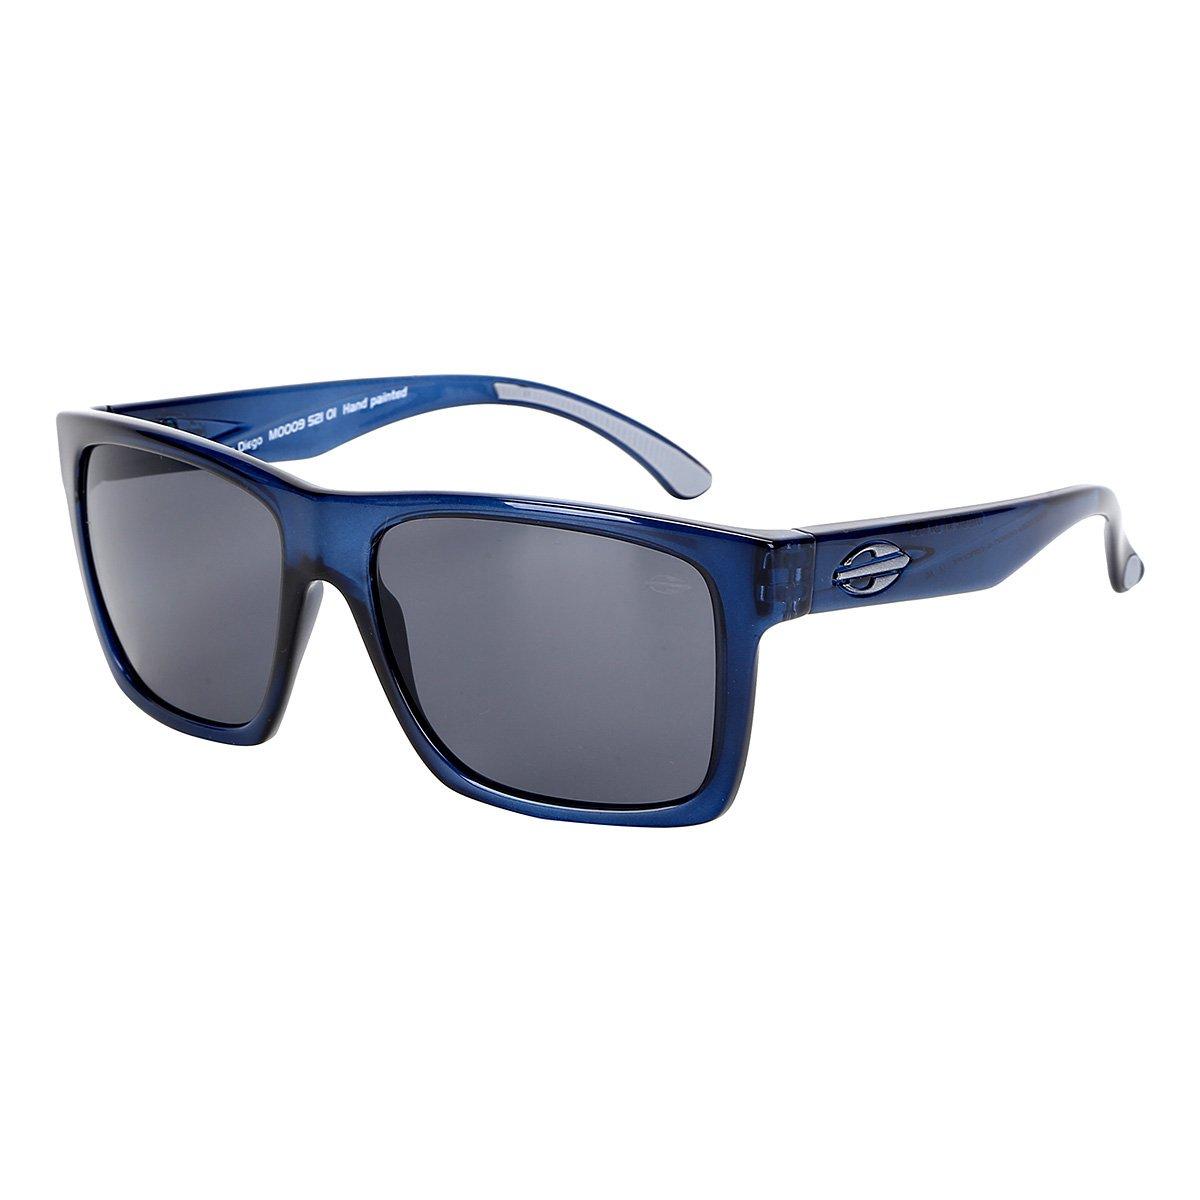 06380df62 Óculos de Sol Mormaii San Diego M000952101 Masculino